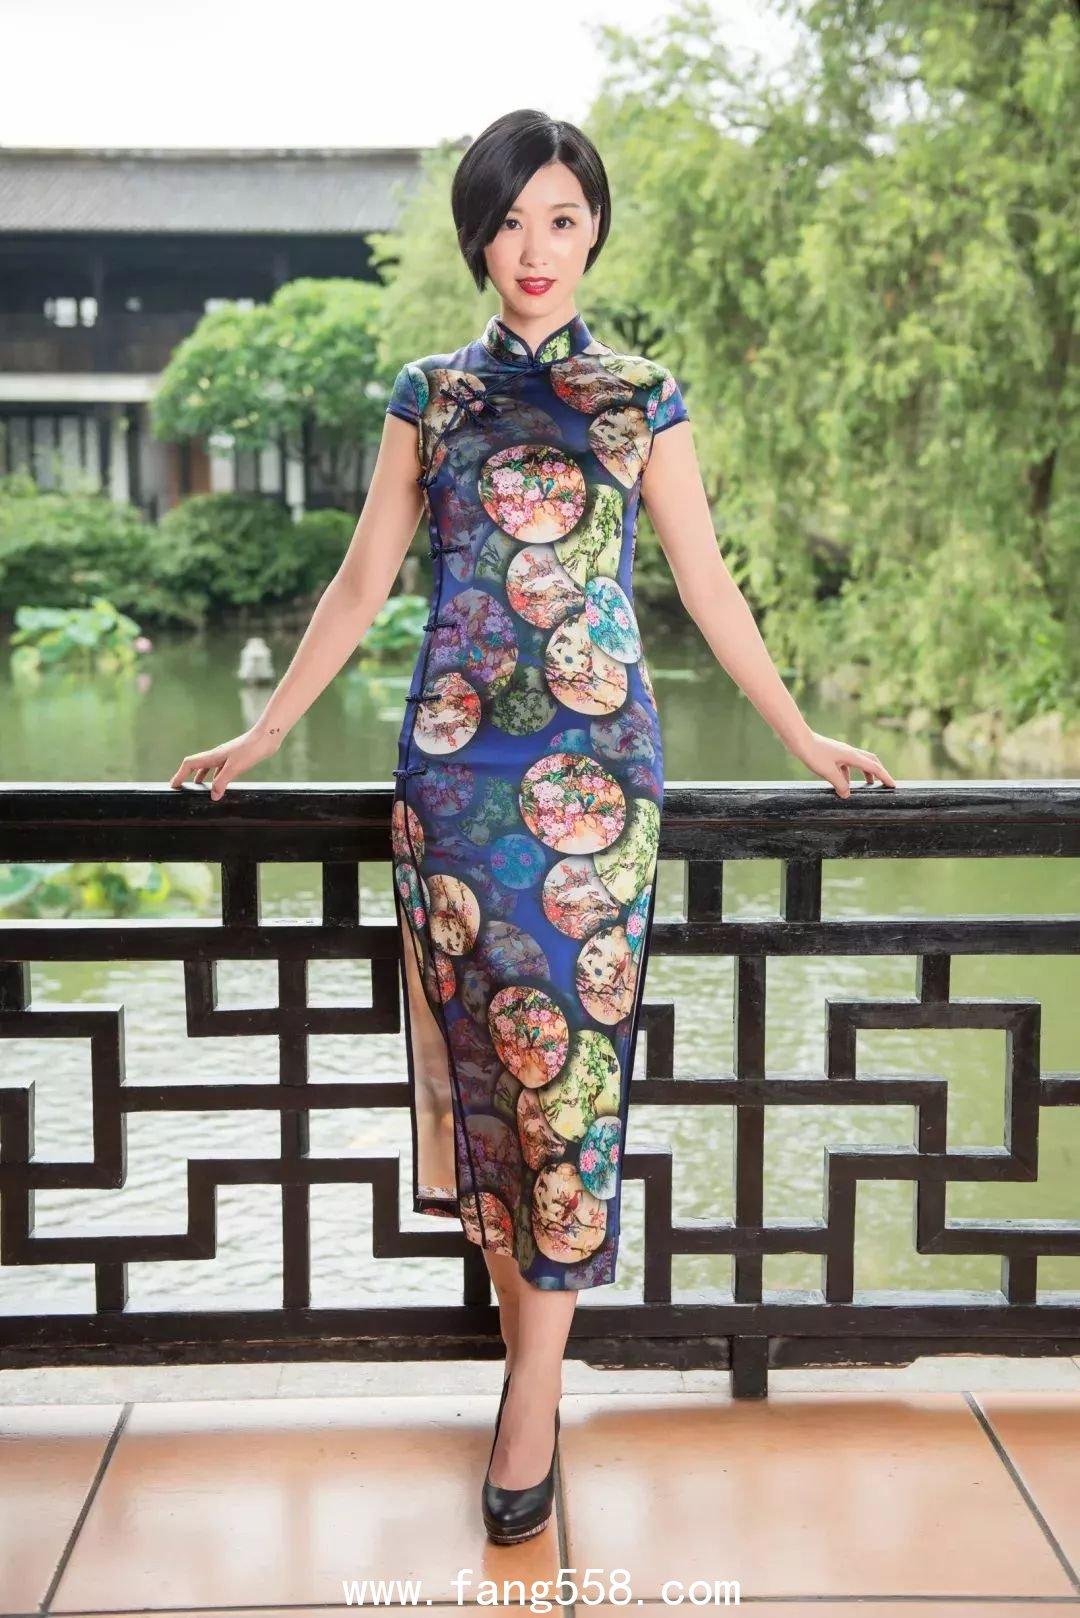 大浪时尚小镇将以建设世界级时尚产业集群为目标